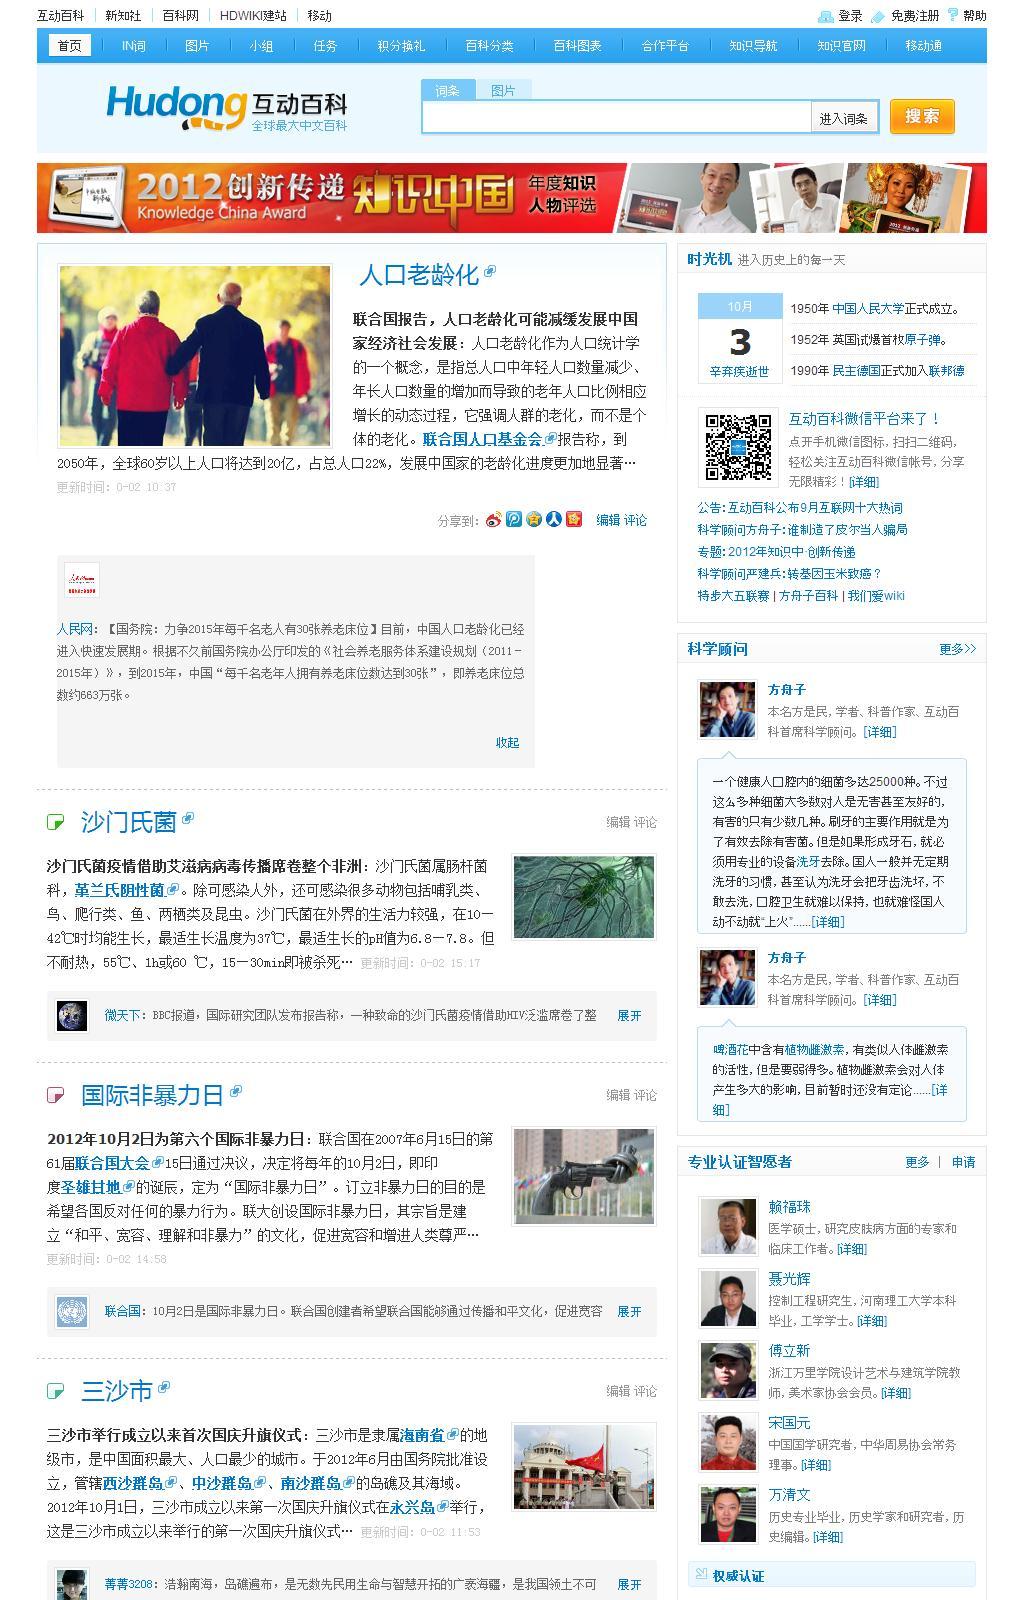 互动百科-全球最大中文百科网站